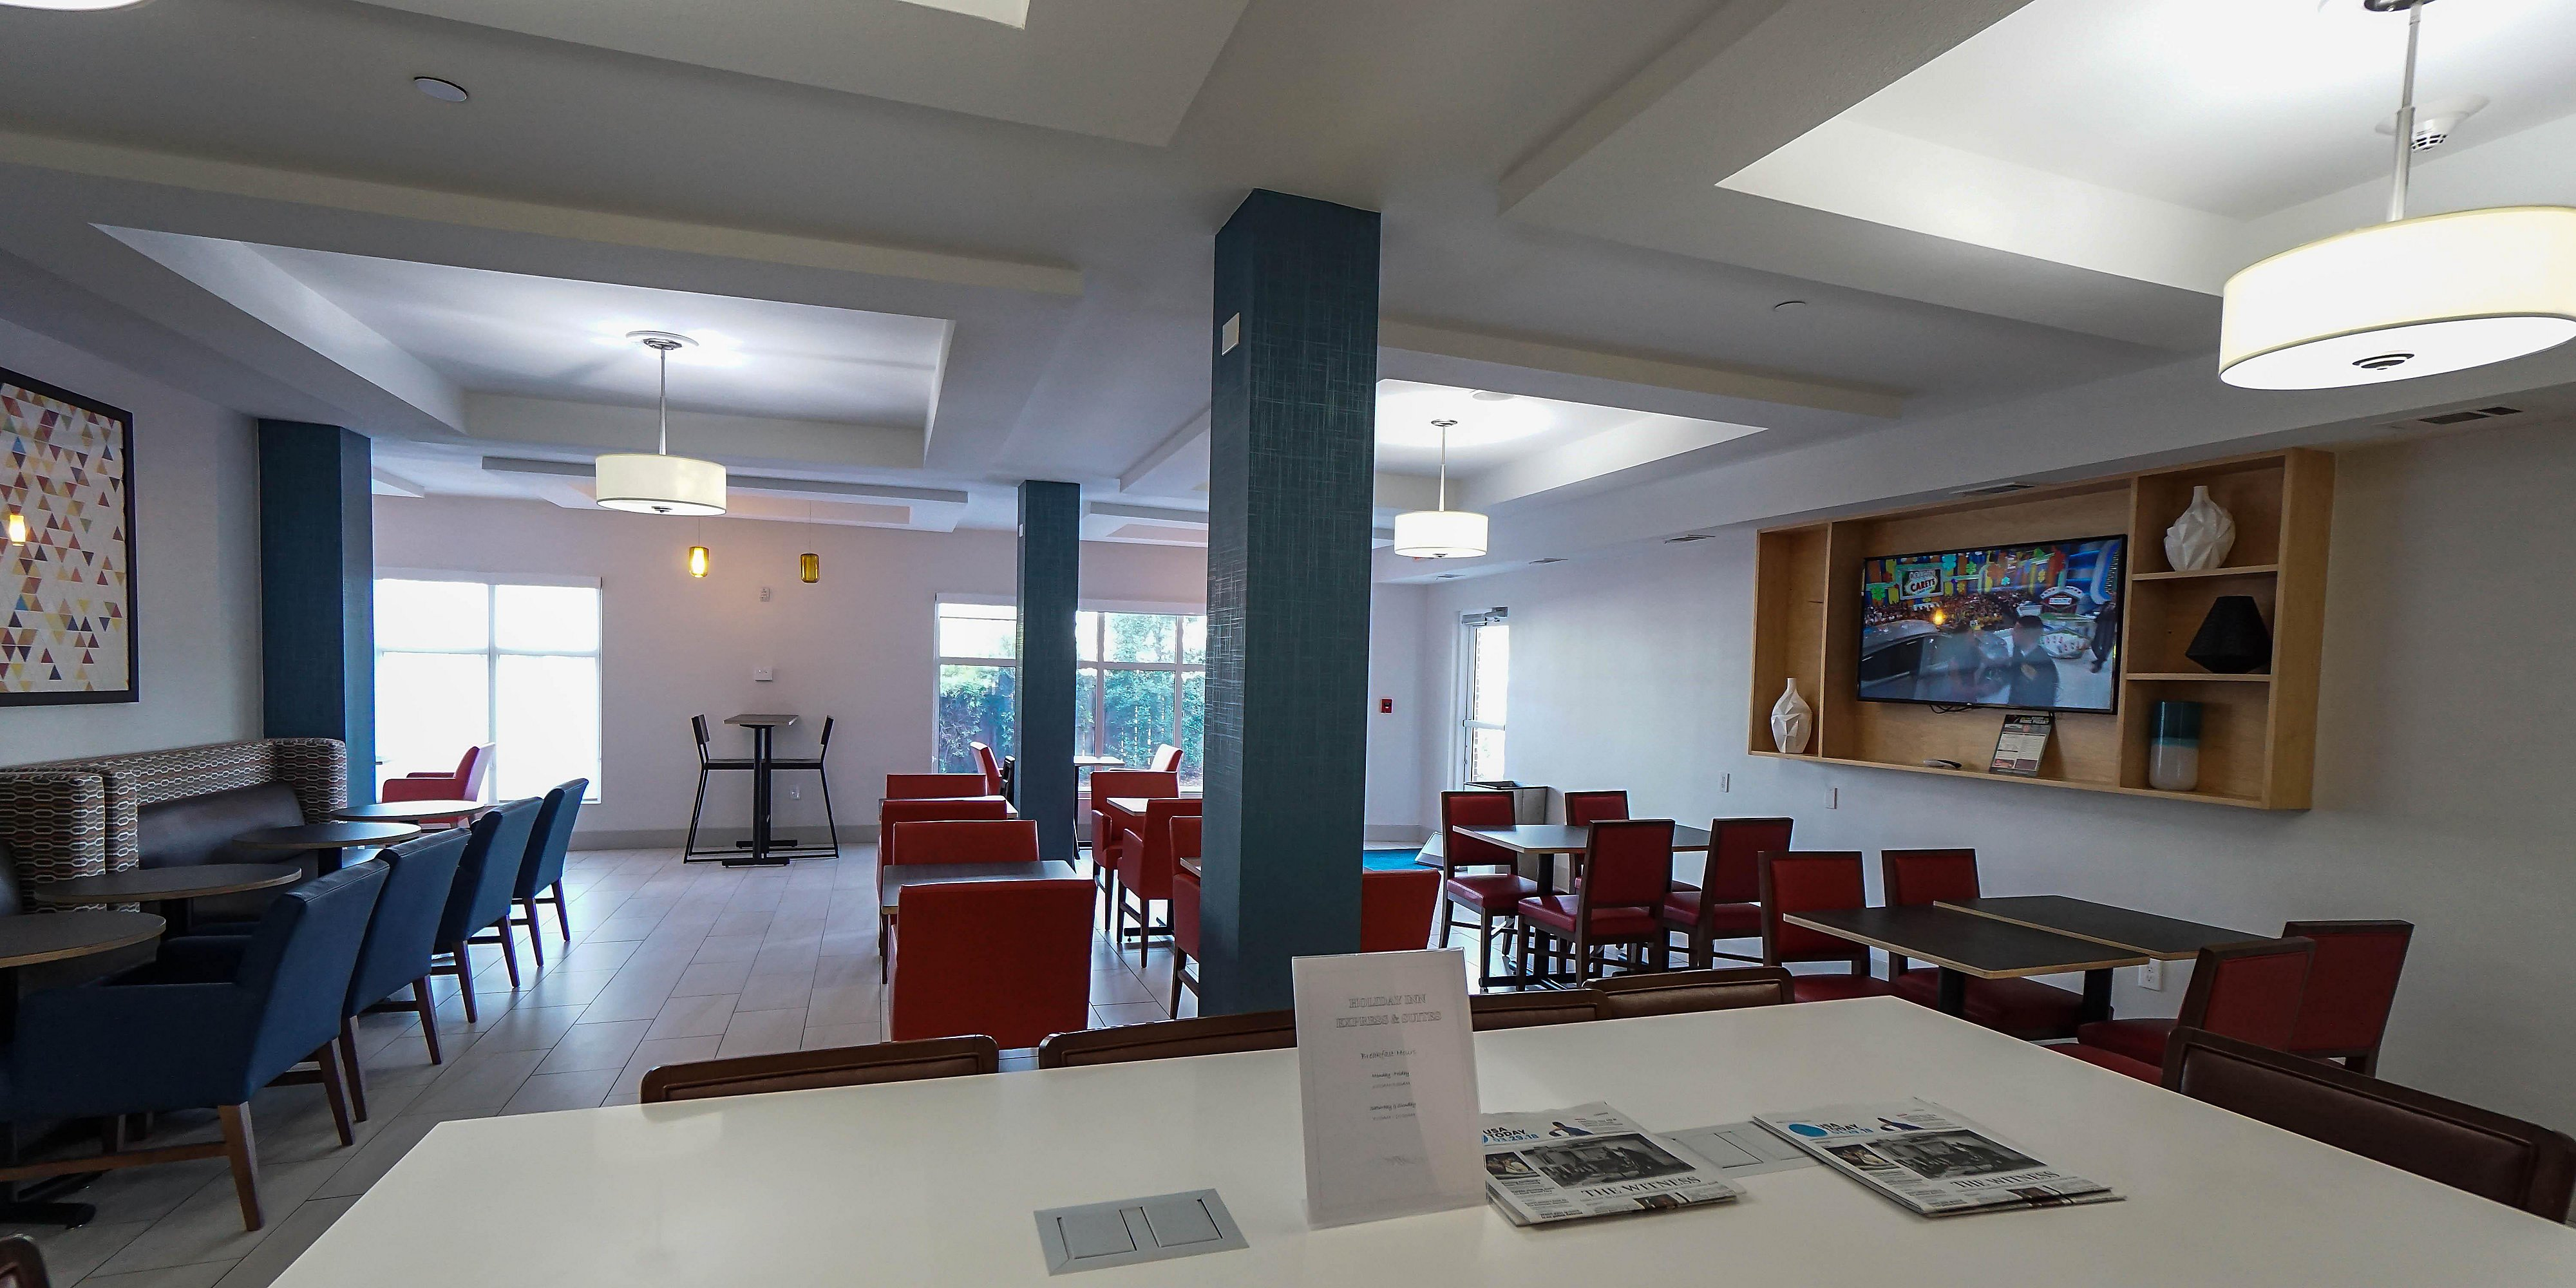 Holiday Inn Express & Suites Savannah - Midtown Hotel by IHG